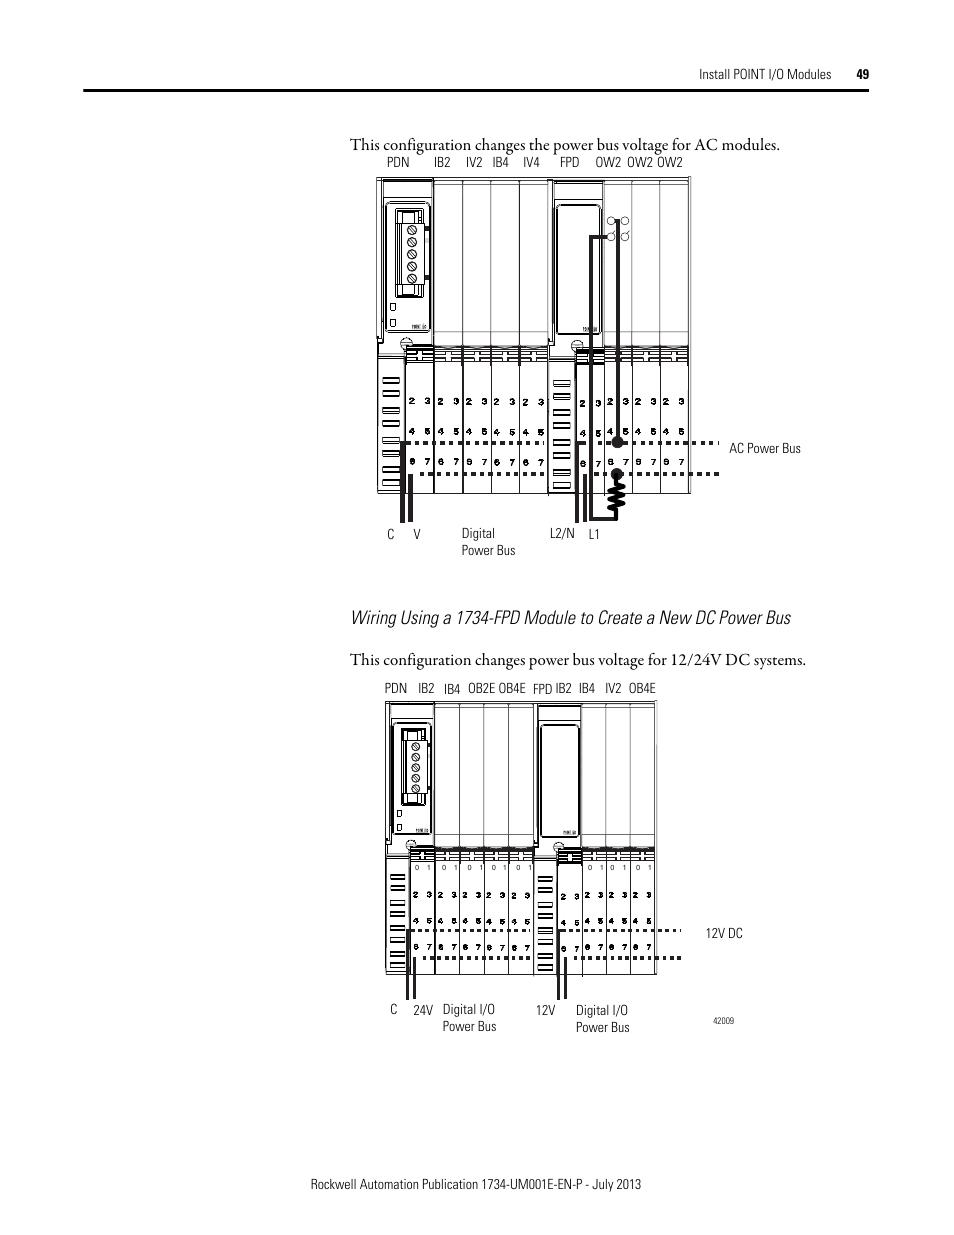 Rockwell Automation 1734-XXXX POINT I/O Digital and Analog